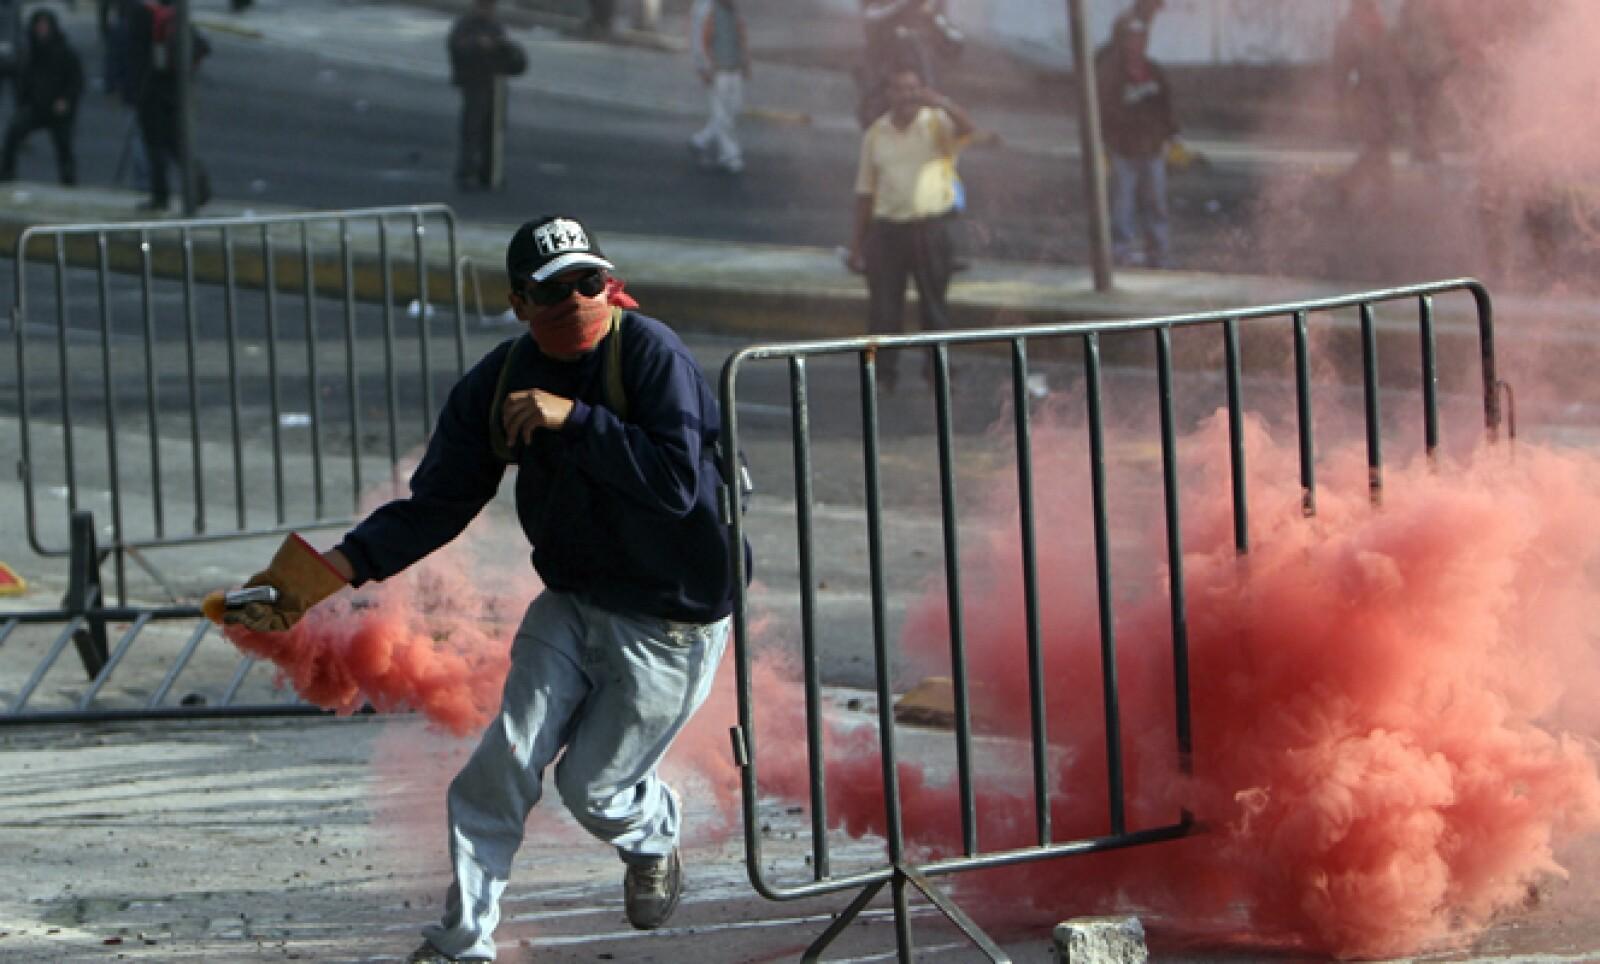 Los manifestantes lanzaron petardos e intentaron romper el cerco de las vallas metálicas colocado en la zona de San Lázaro para resguardar la Cámara de Diputados.